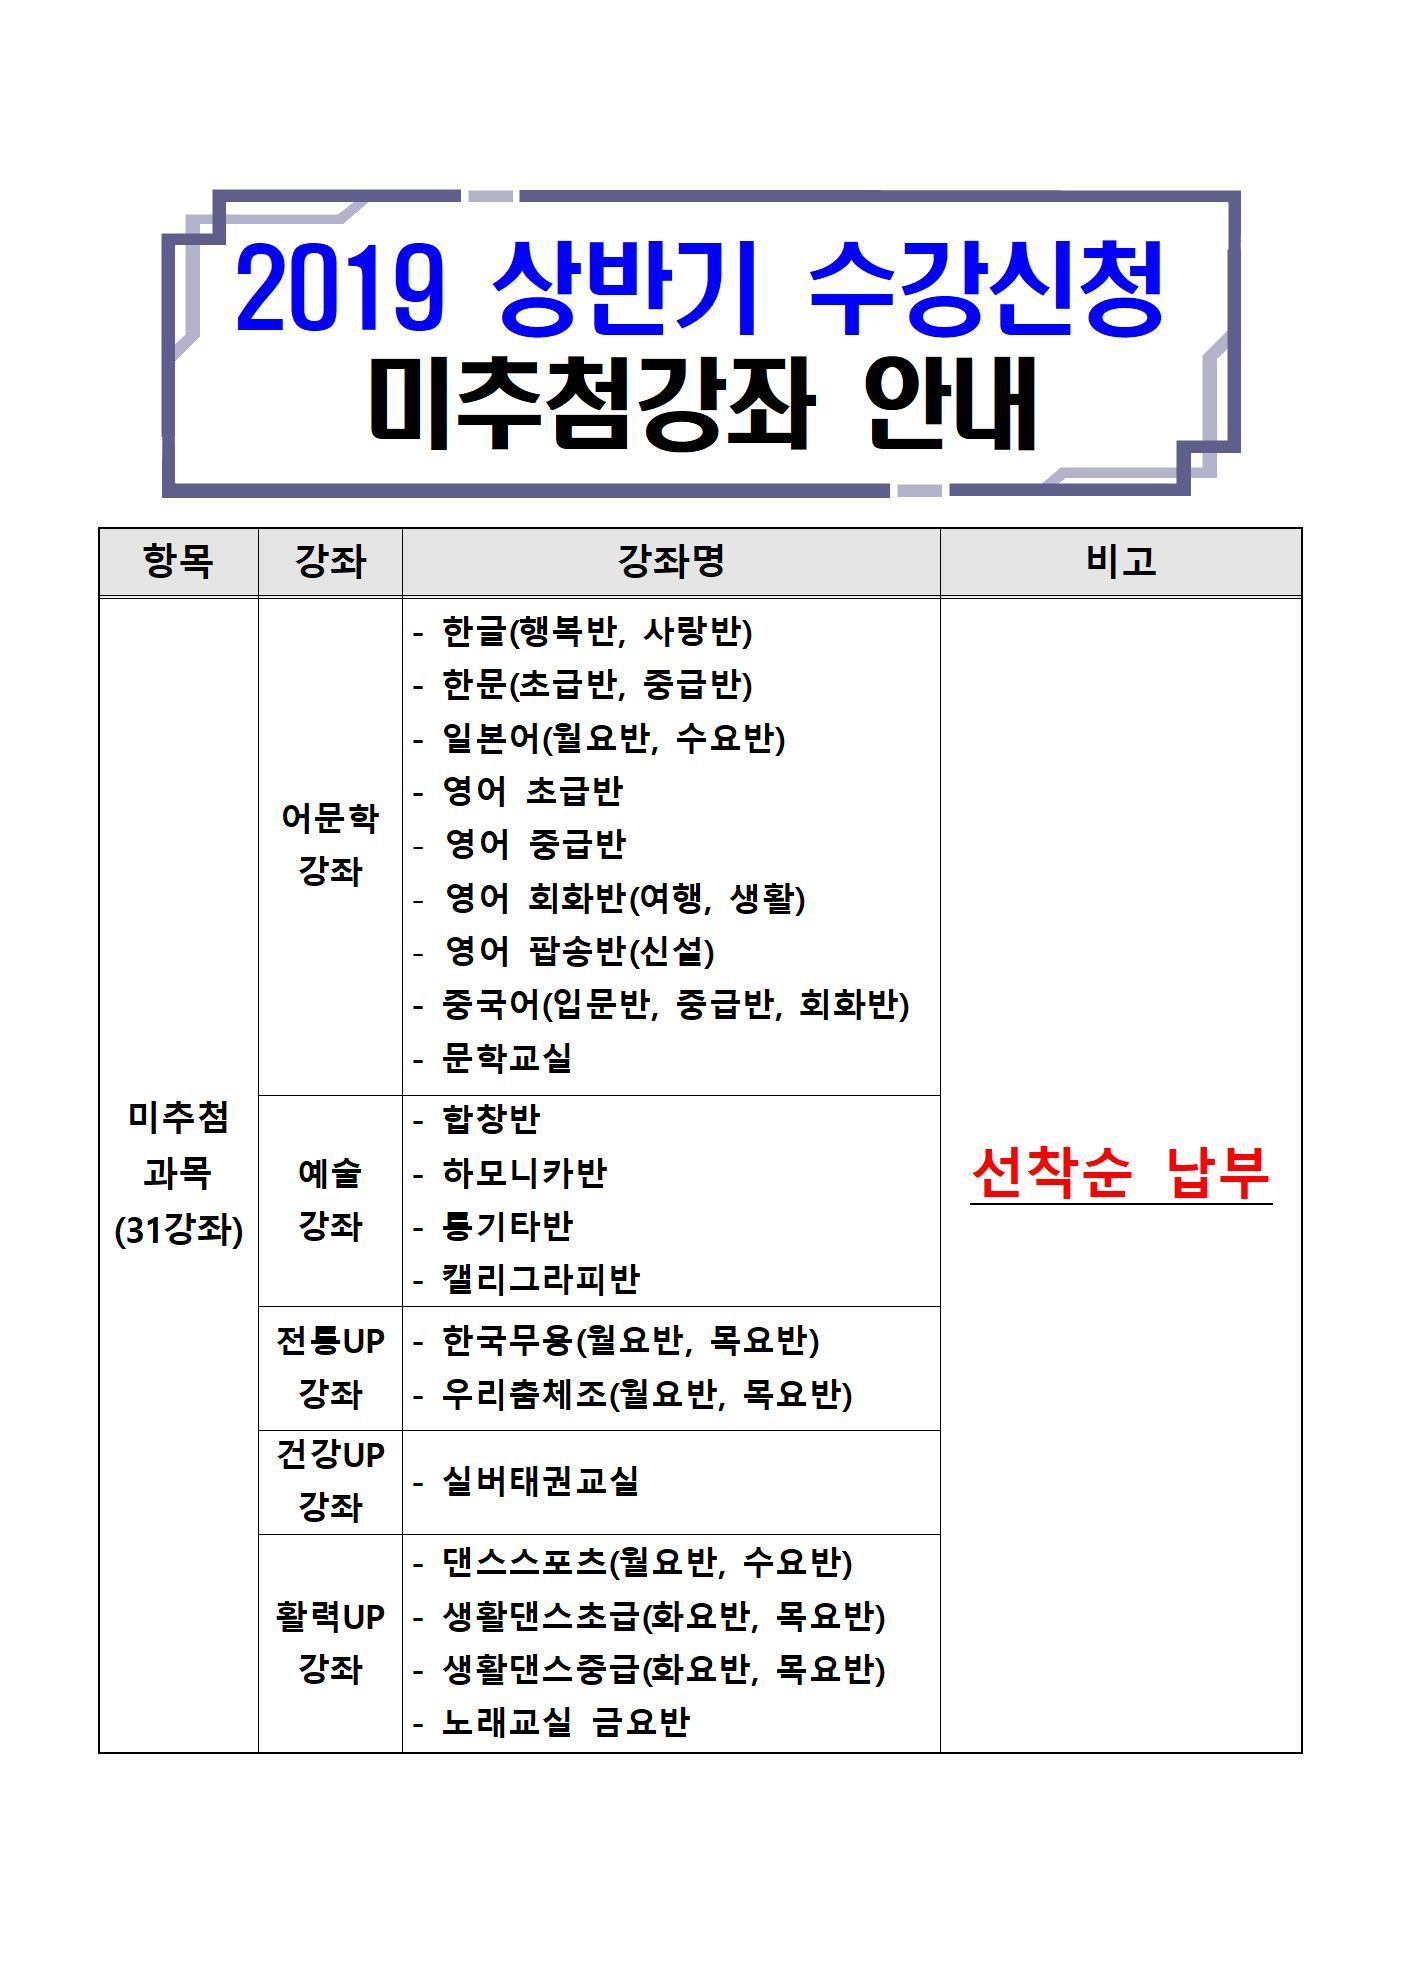 2019년 상반기 수강신청 홍보 안내3.jpg